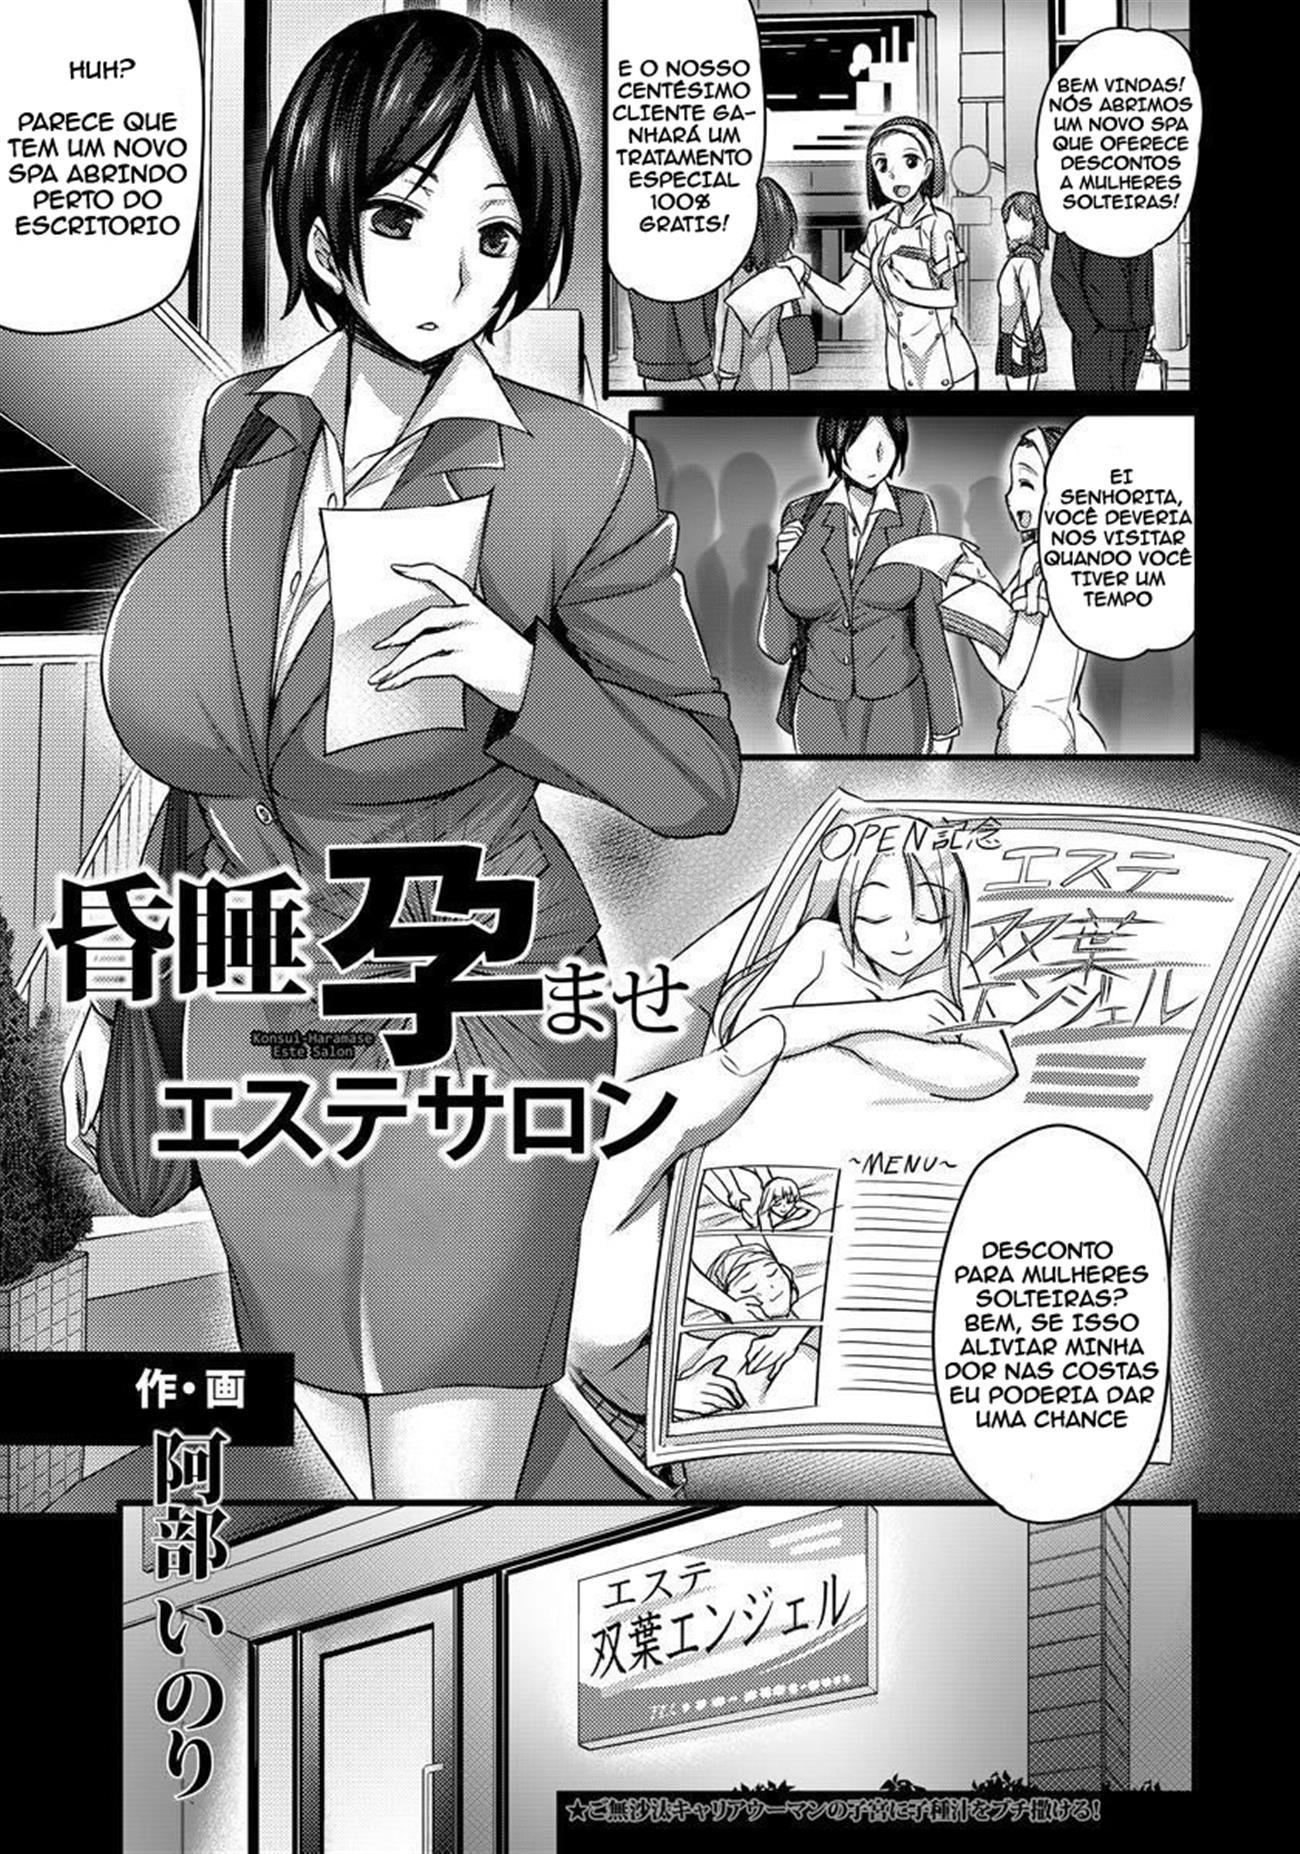 Konsui Haramase Esthe Salon (ANGEL Club 2015-01)